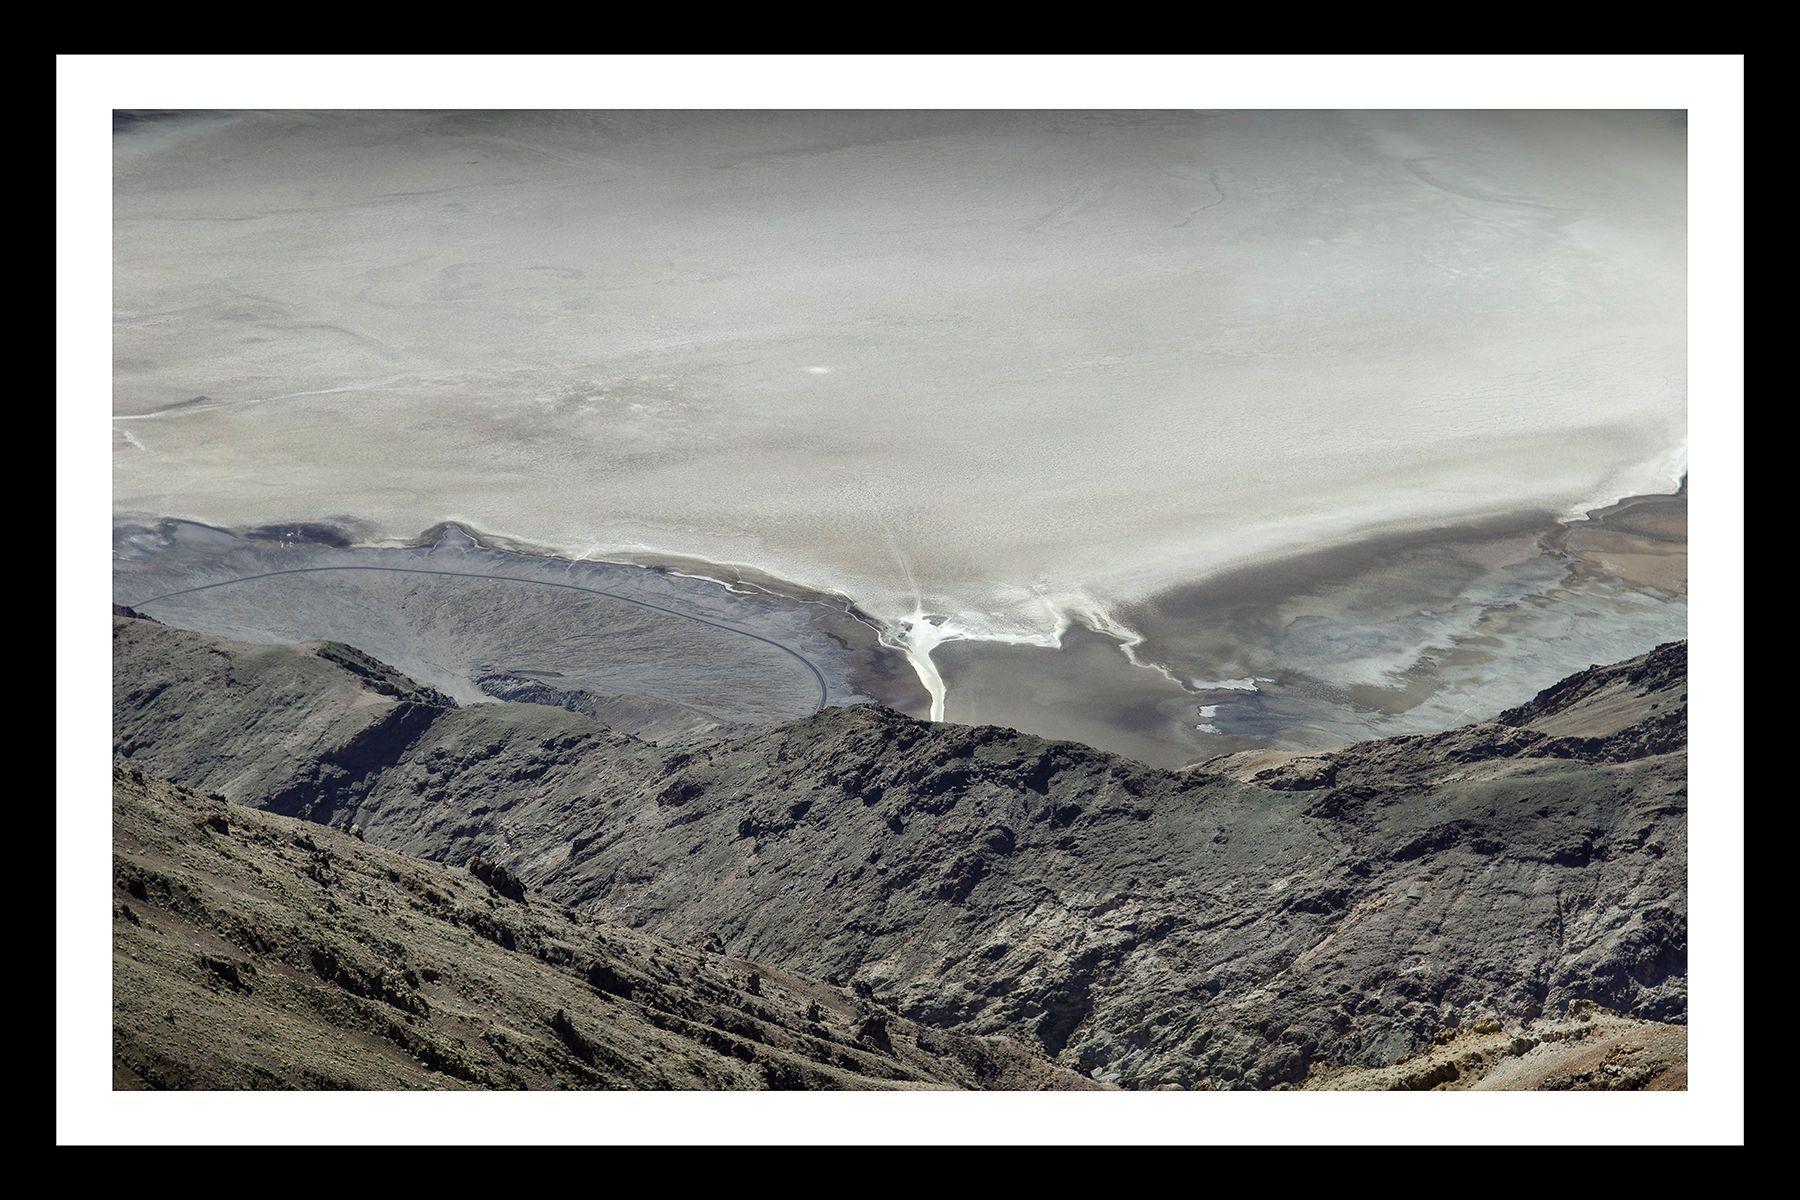 Dante's View of Bad Water Basin